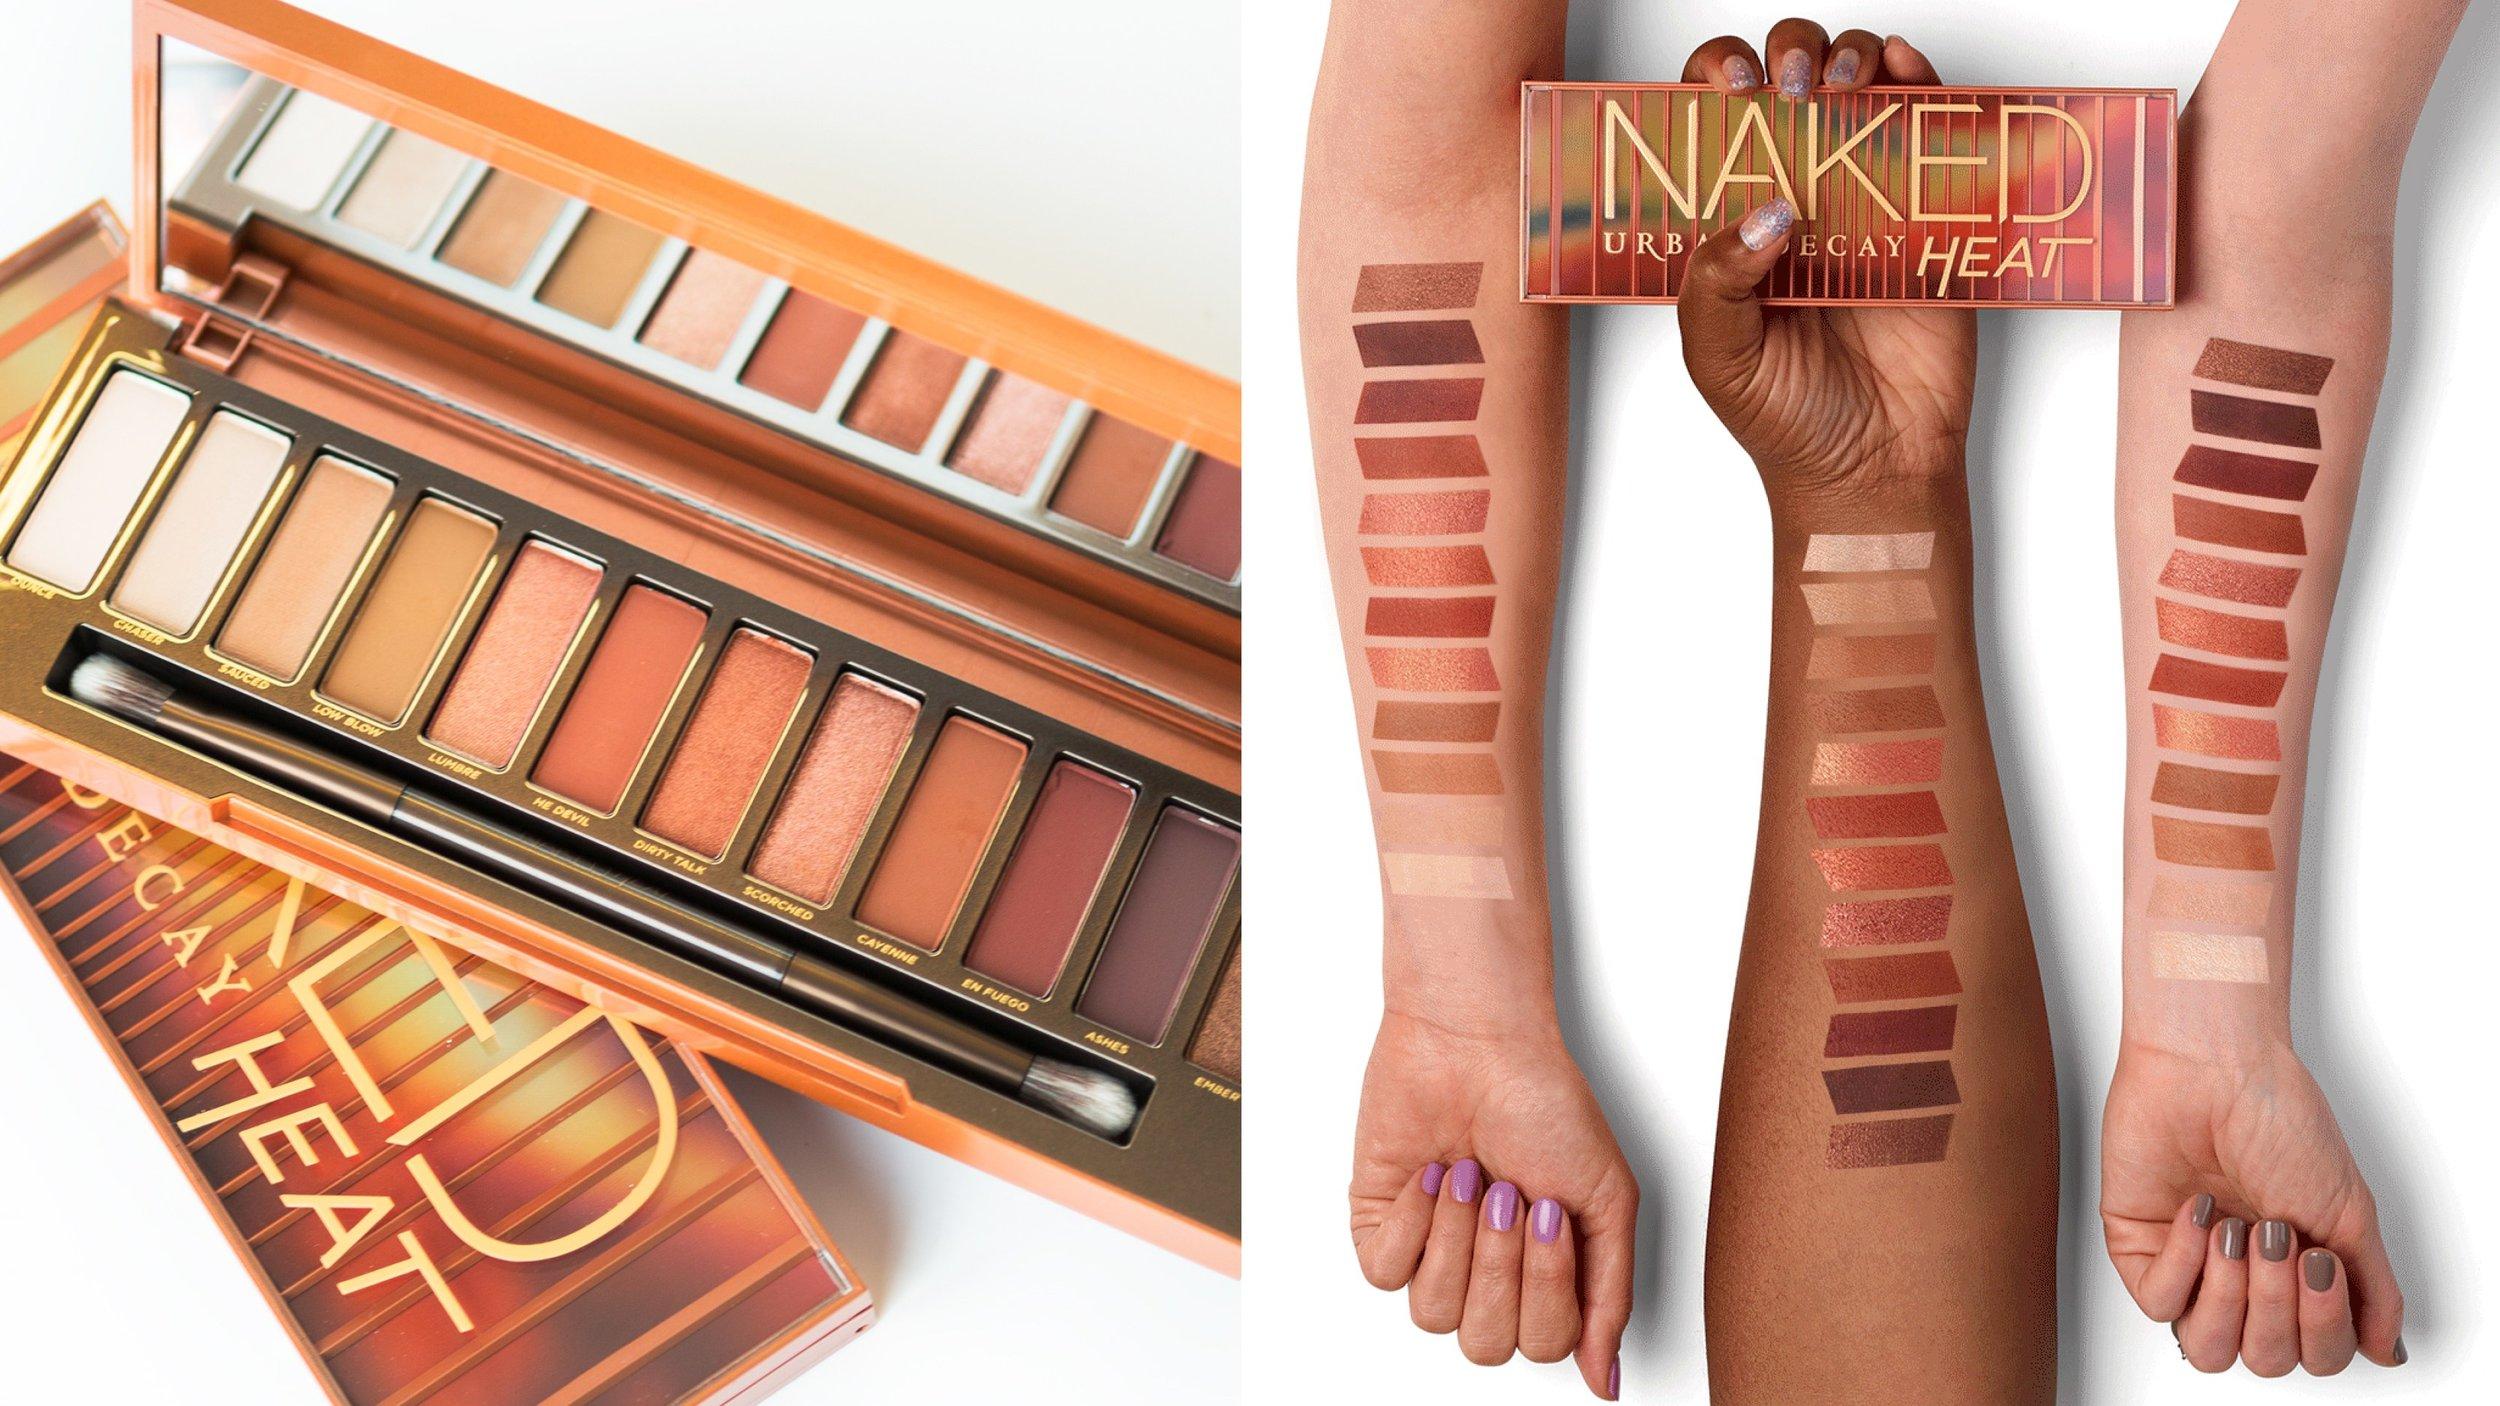 nakedheatpalette.jpg